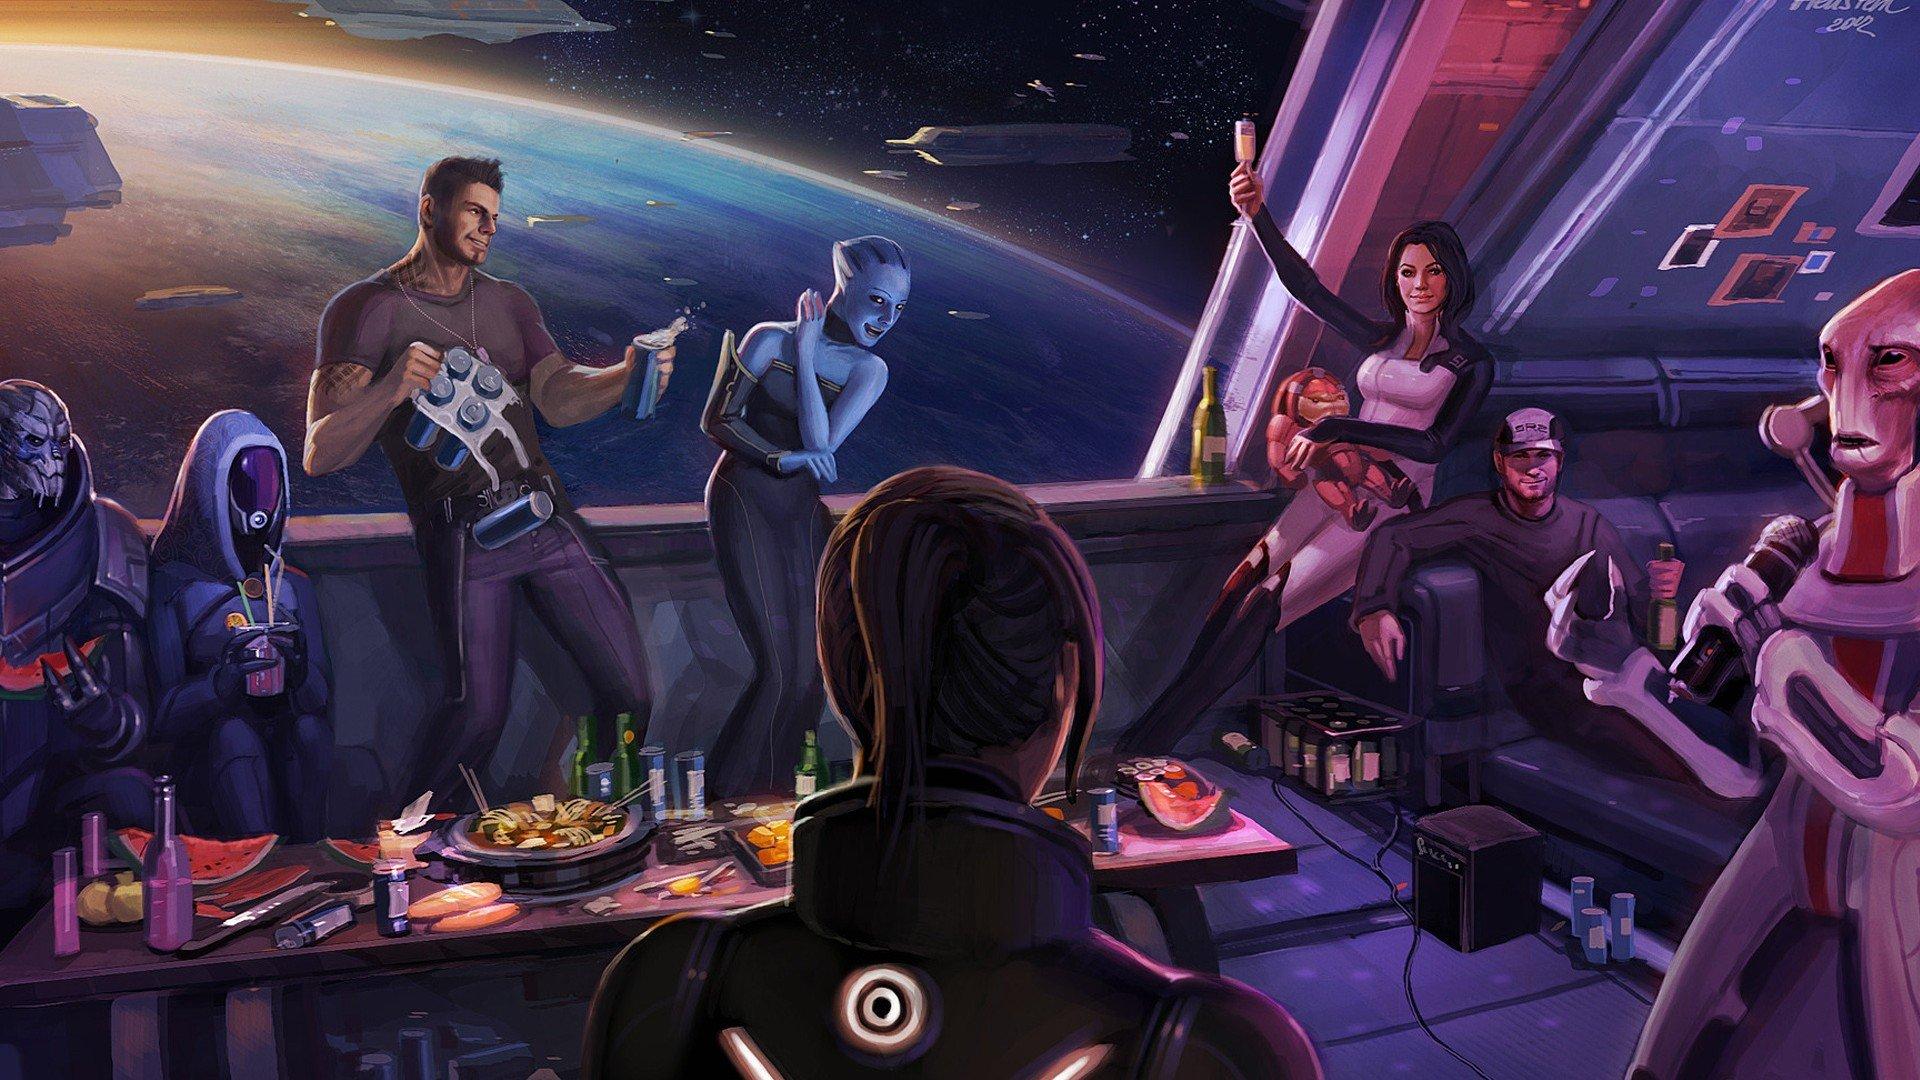 Women Happy Mass Effect Mass Effect 3 Femshep Commander Shepard